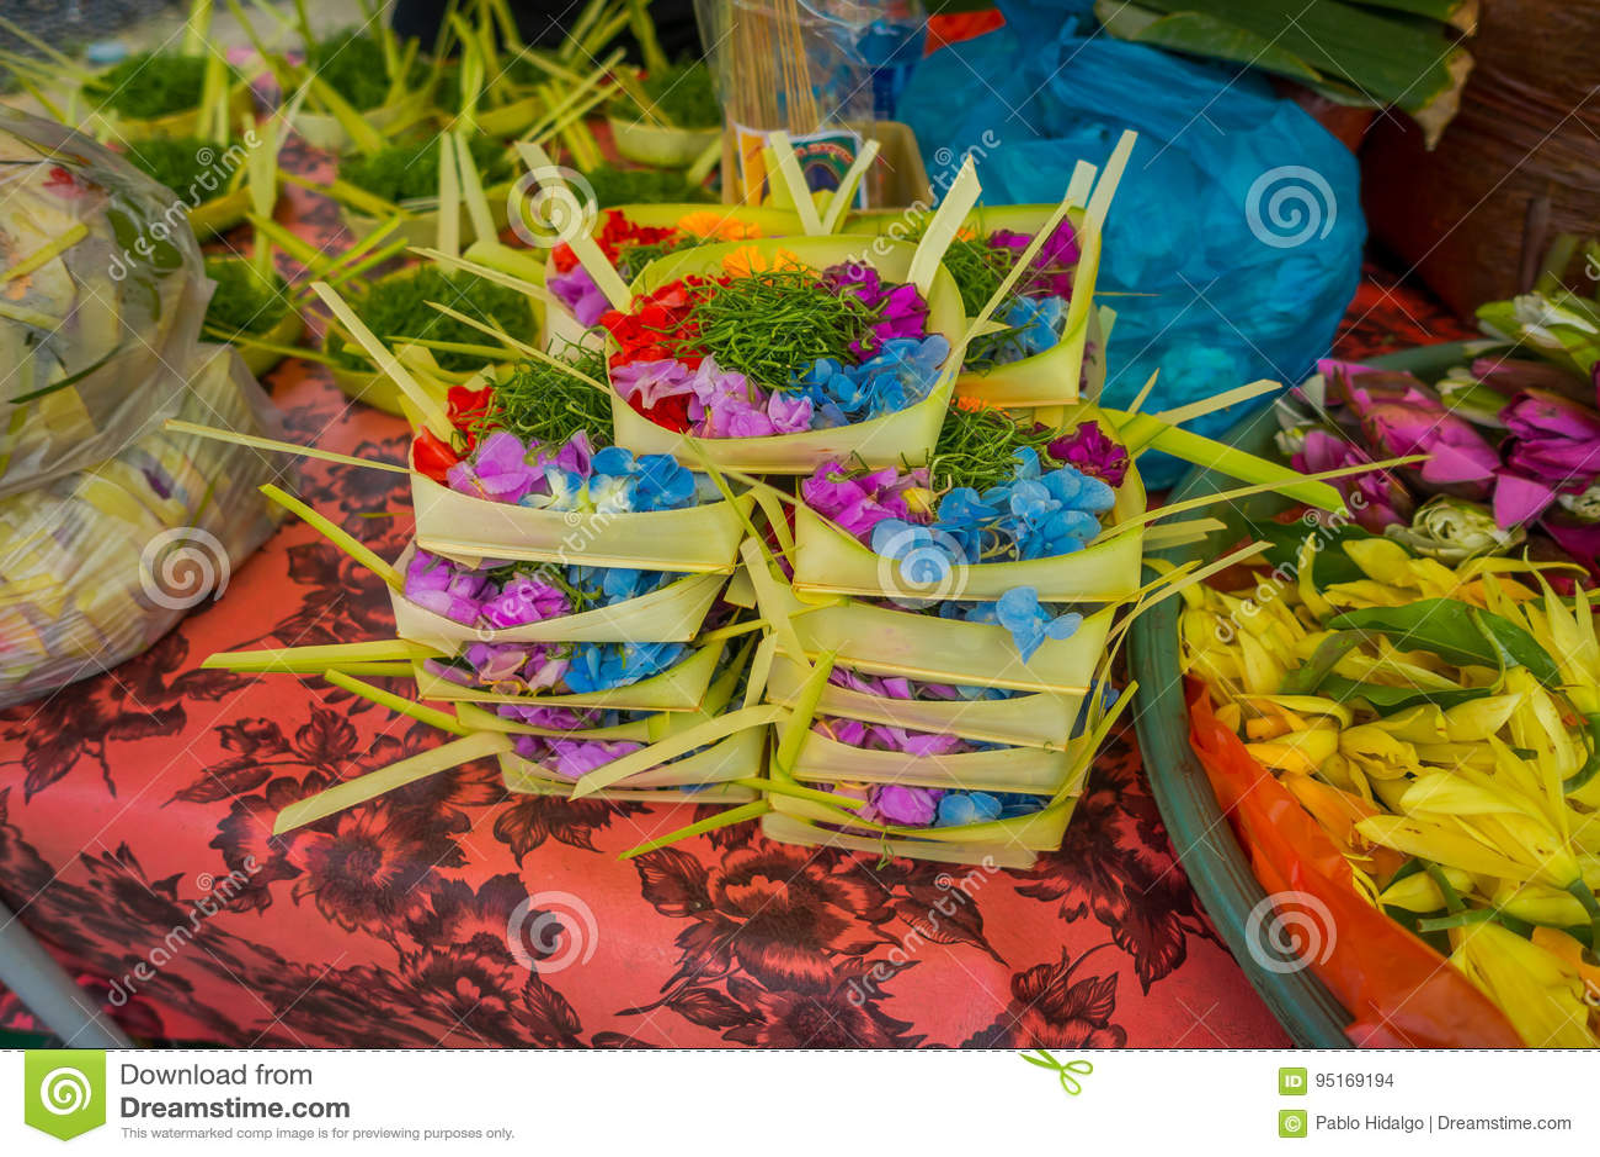 Un mercado con una caja hecha de hojas, dentro de un arreglo de flores en una tabla, en la ciudad de Denpasar en Indonesia